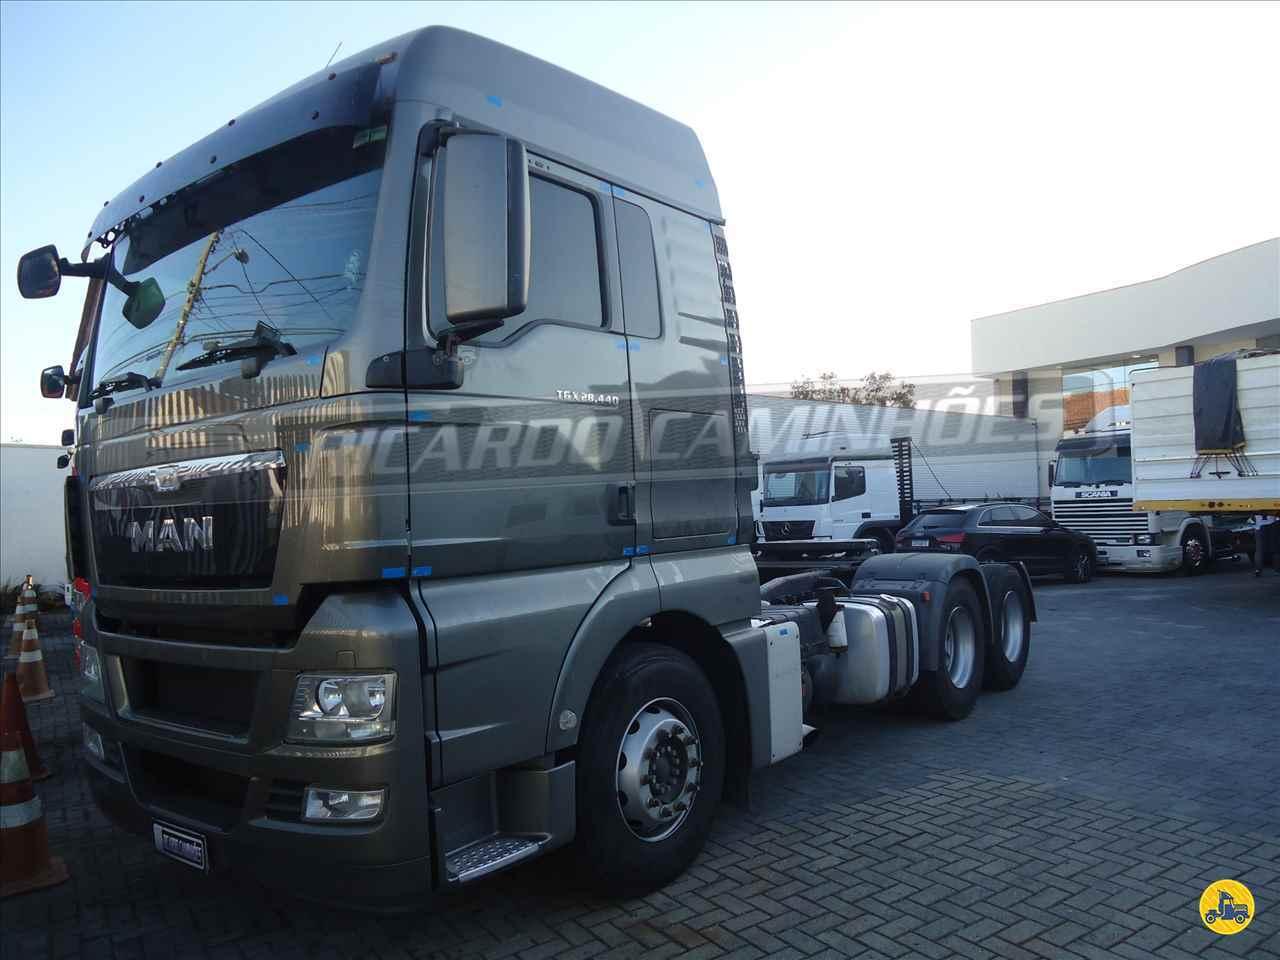 CAMINHAO MAN TGX 28 440 Cavalo Mecânico Truck 6x2 Ricardo Caminhões Curitiba CURITIBA PARANÁ PR